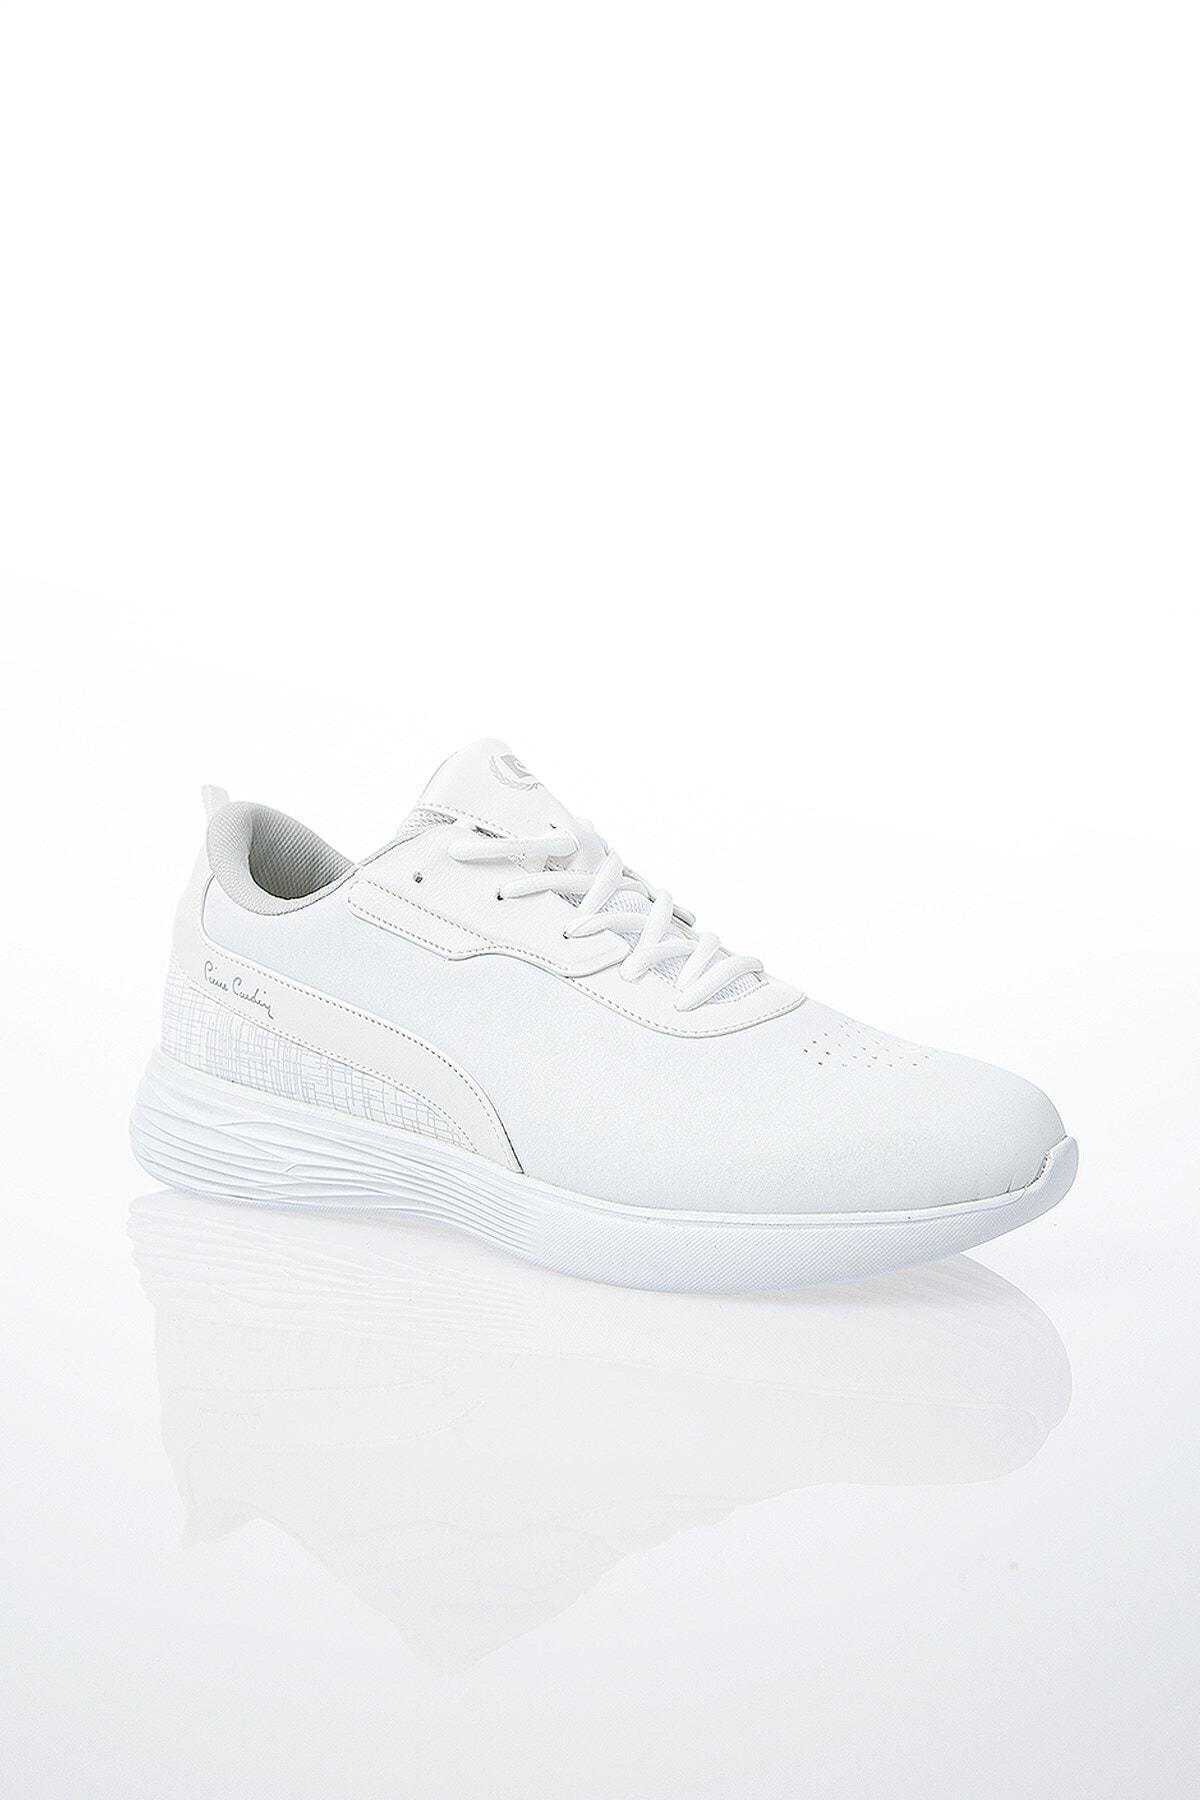 Pierre Cardin PC-30492 Beyaz Erkek Spor Ayakkabı 2